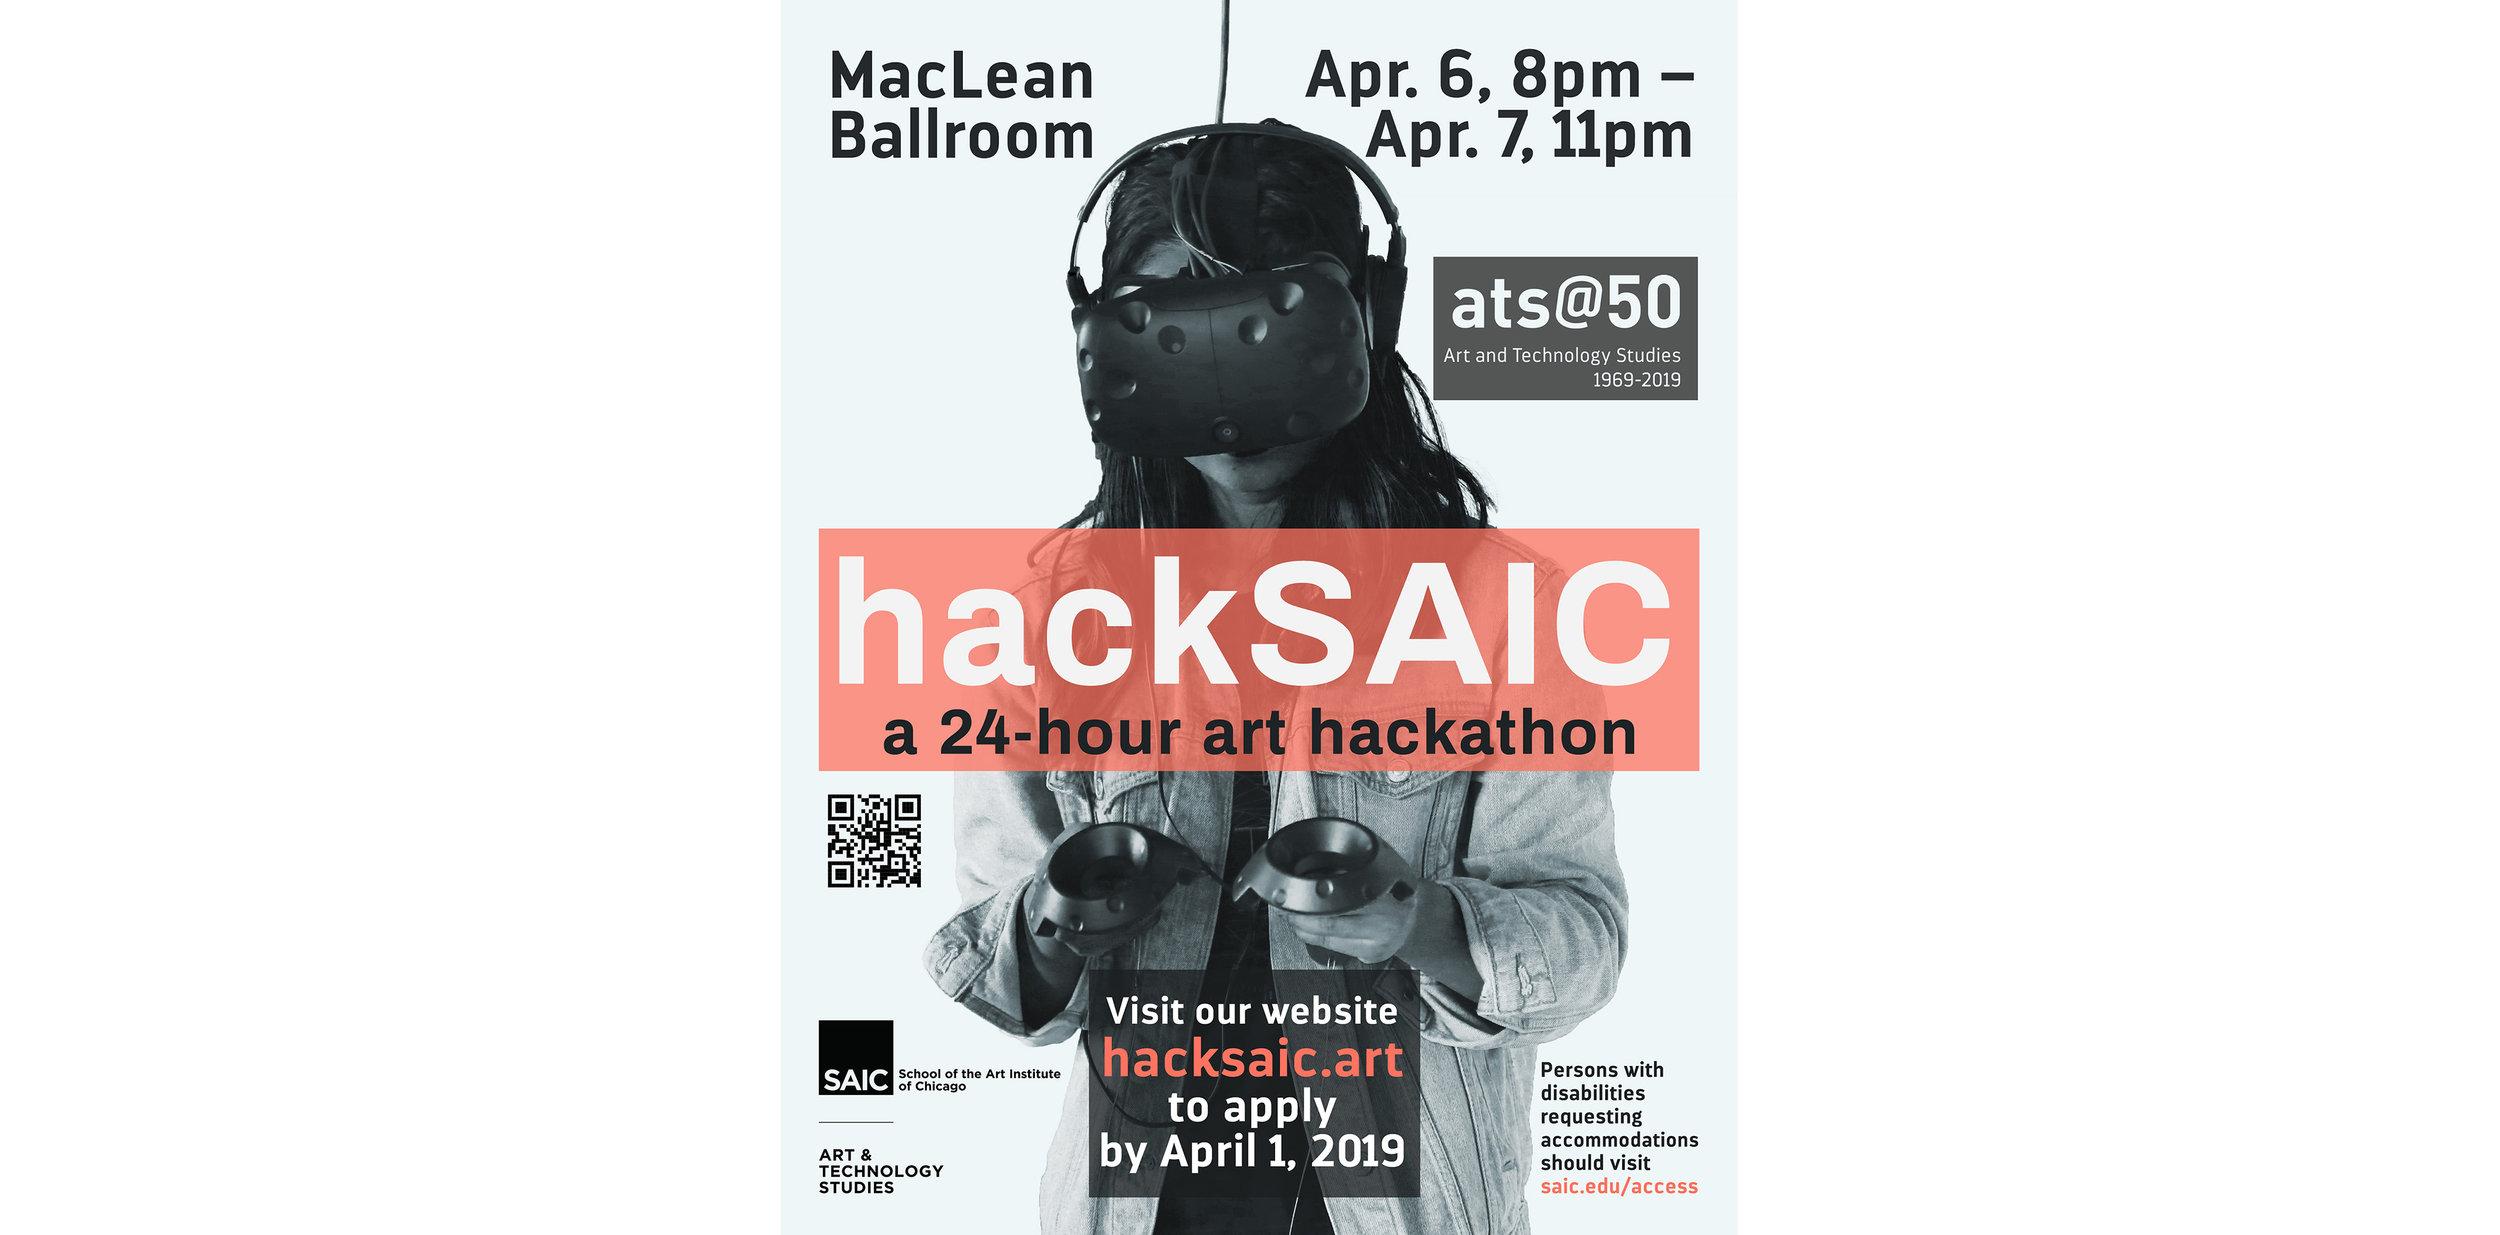 hackSAIC.jpg